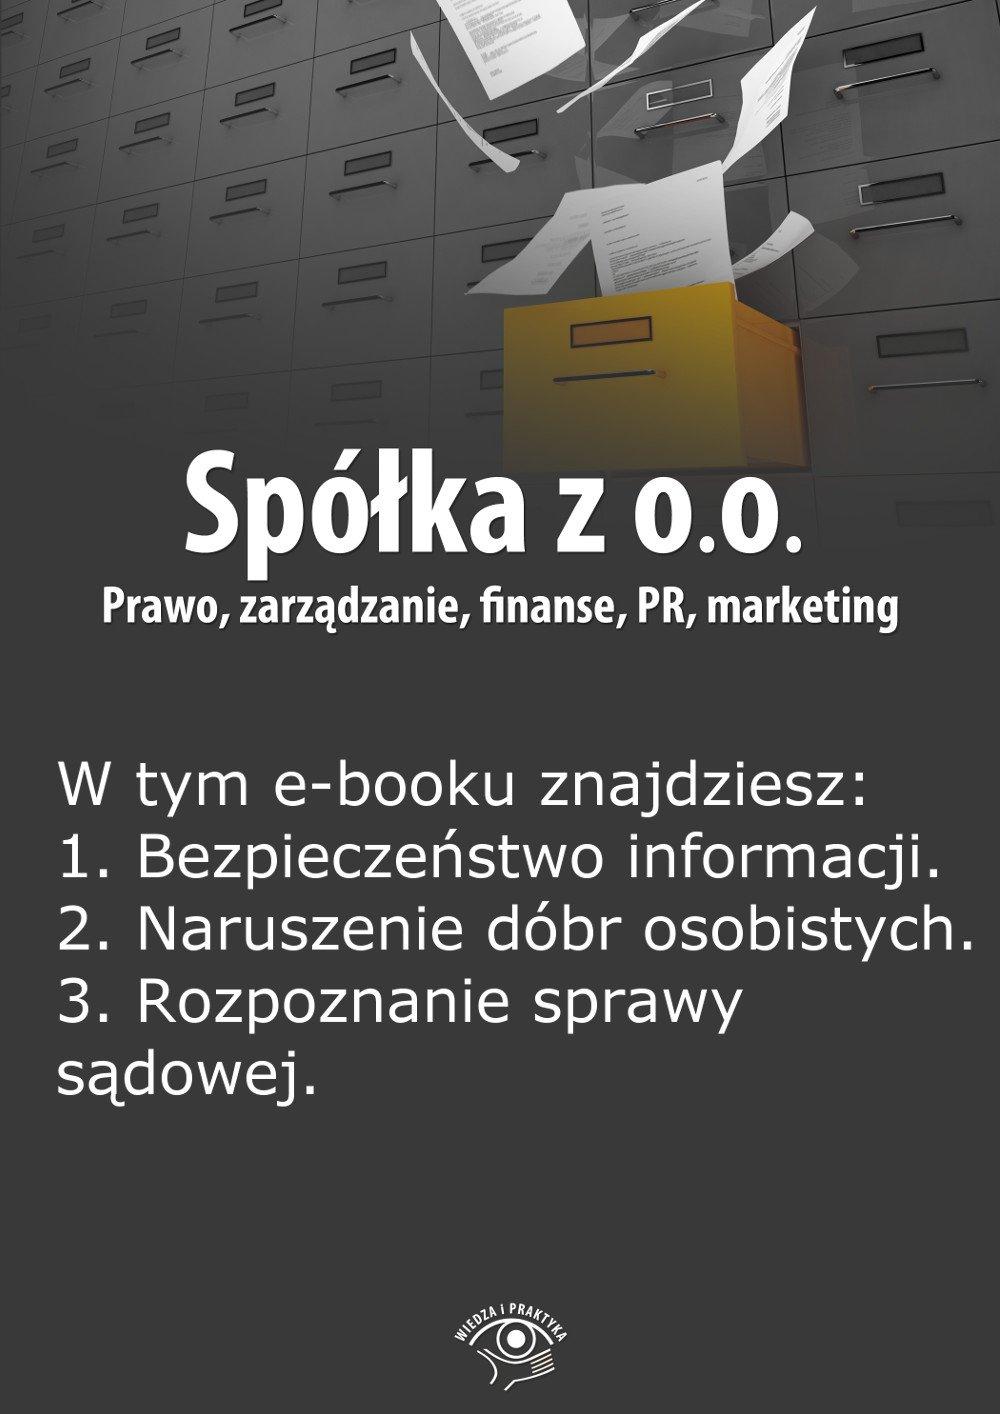 Spółka z o.o. Prawo, zarządzanie, finanse, PR, marketing. Wydanie maj 2014 r. - Ebook (Książka PDF) do pobrania w formacie PDF